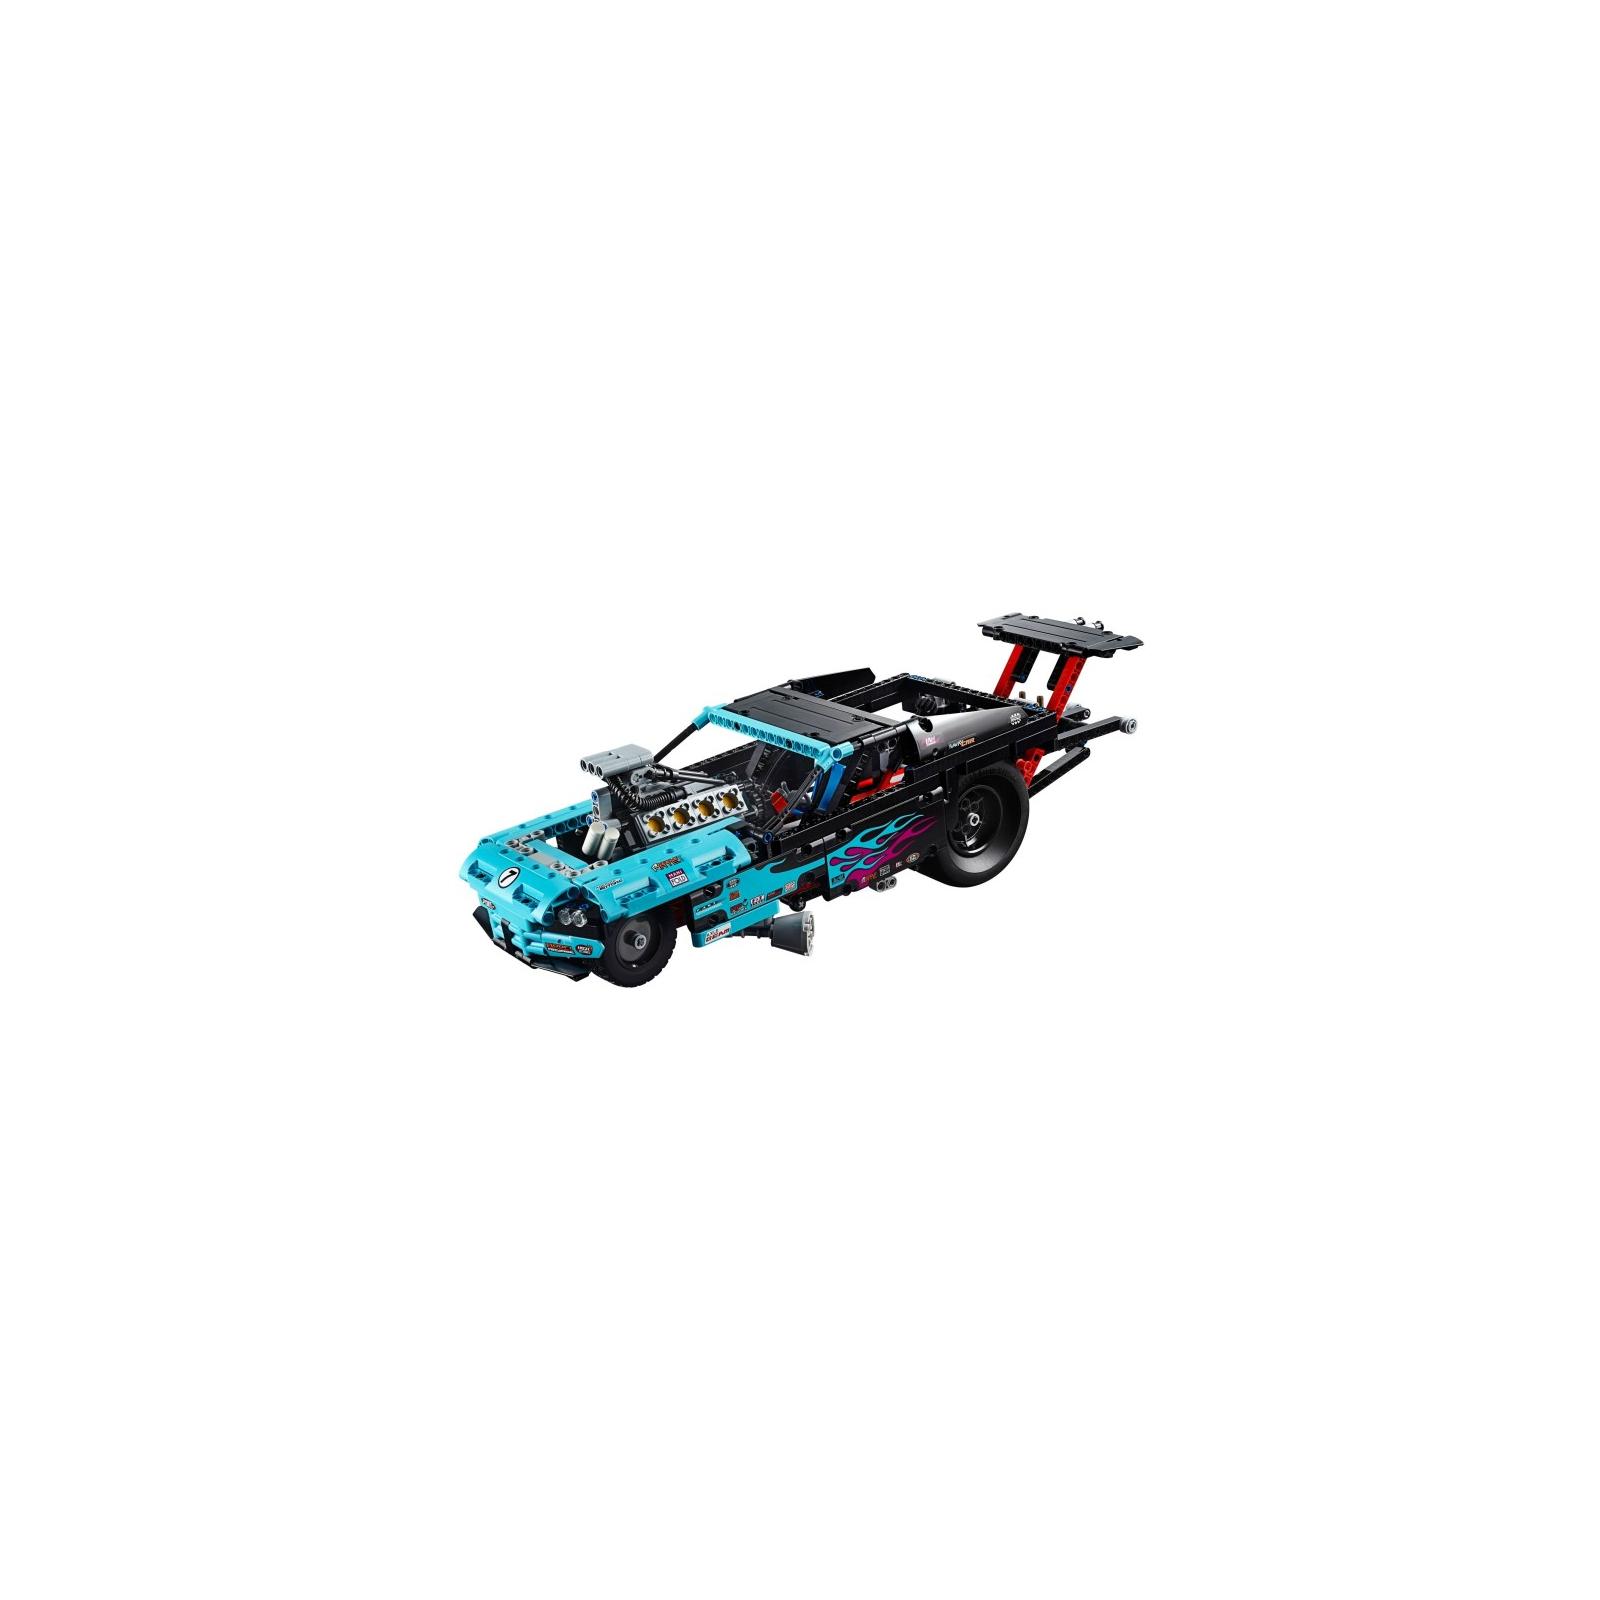 Конструктор LEGO Technic Драгстер (42050) изображение 2